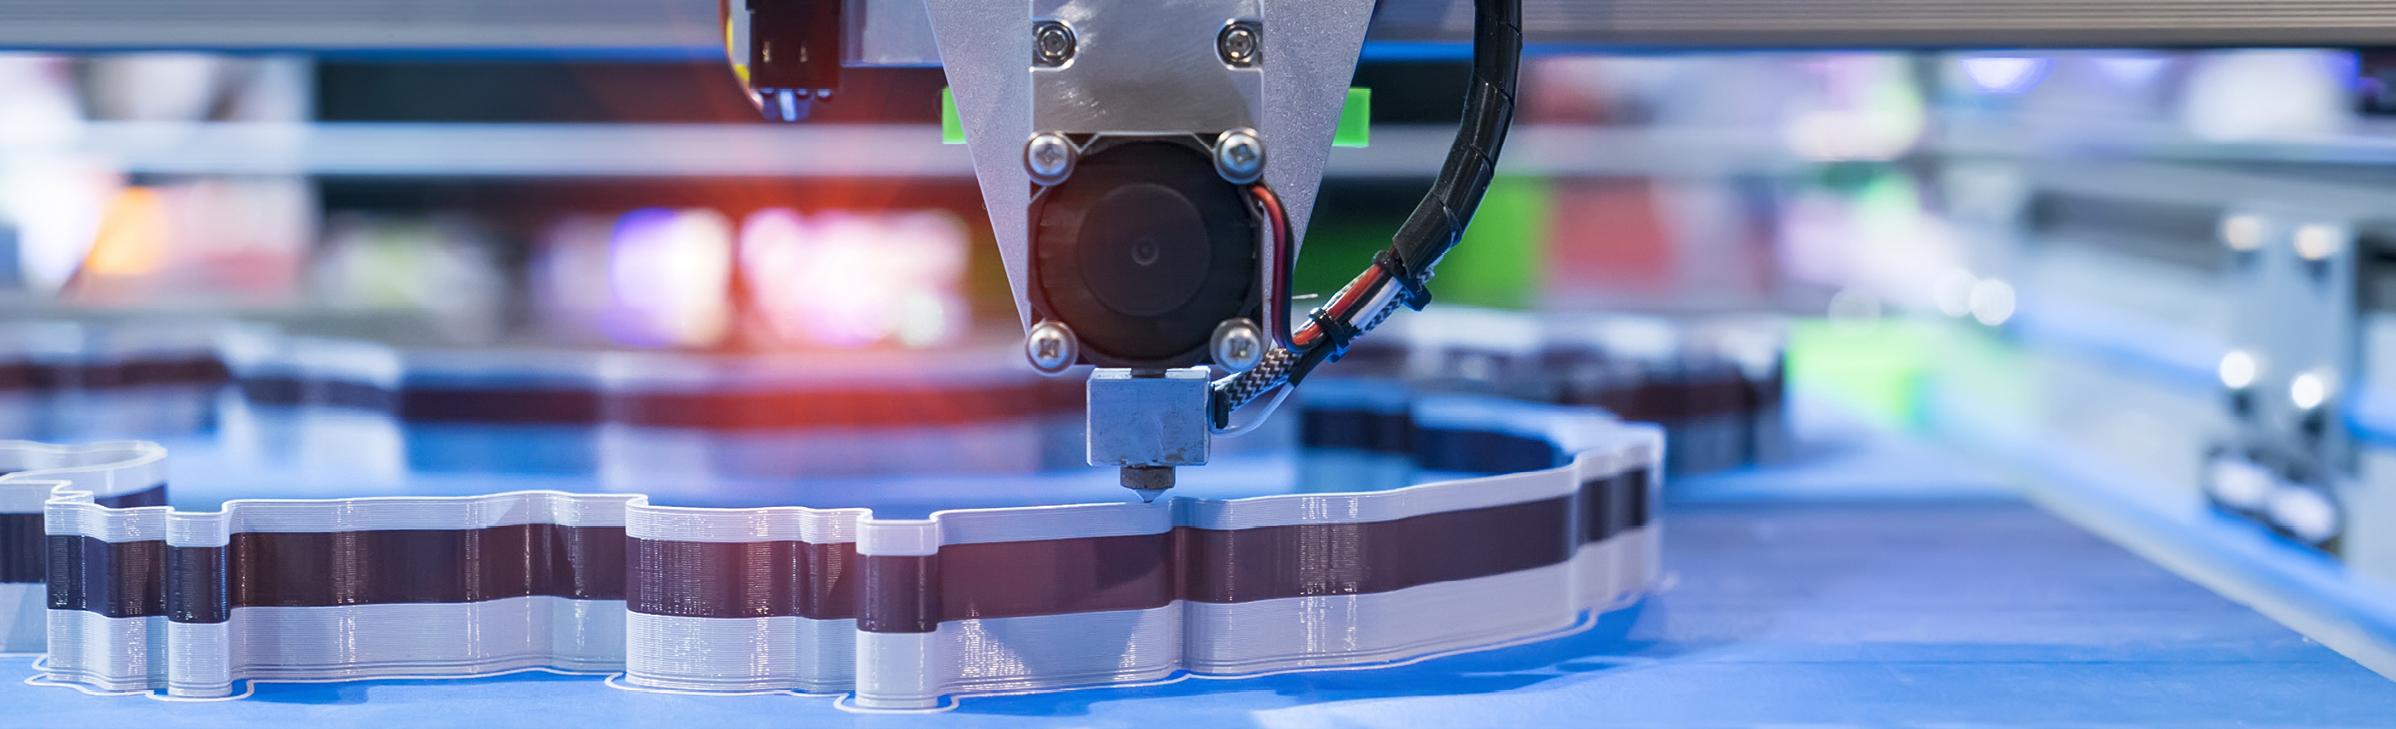 Ersatzteile aus dem Drucker